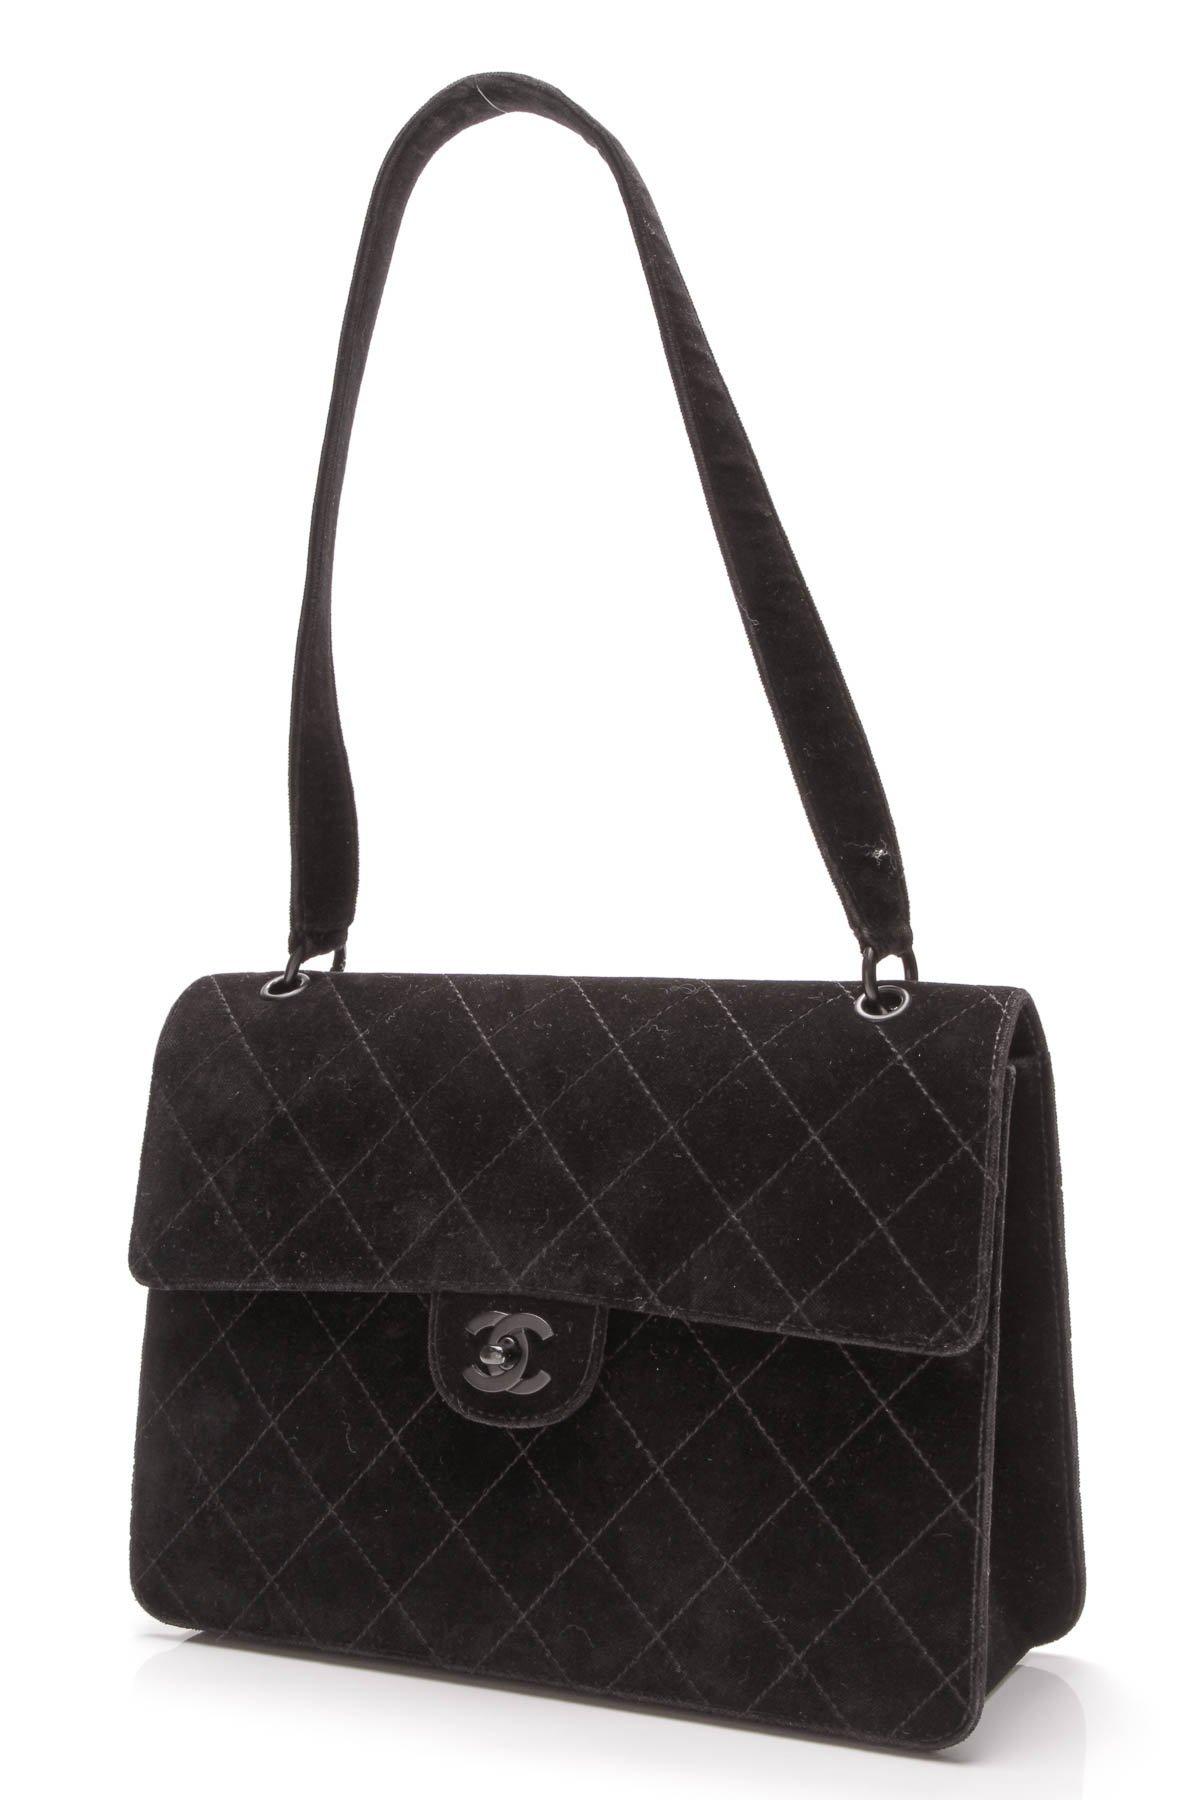 Chanel Vintage Flap Shoulder Bag - Black Velvet